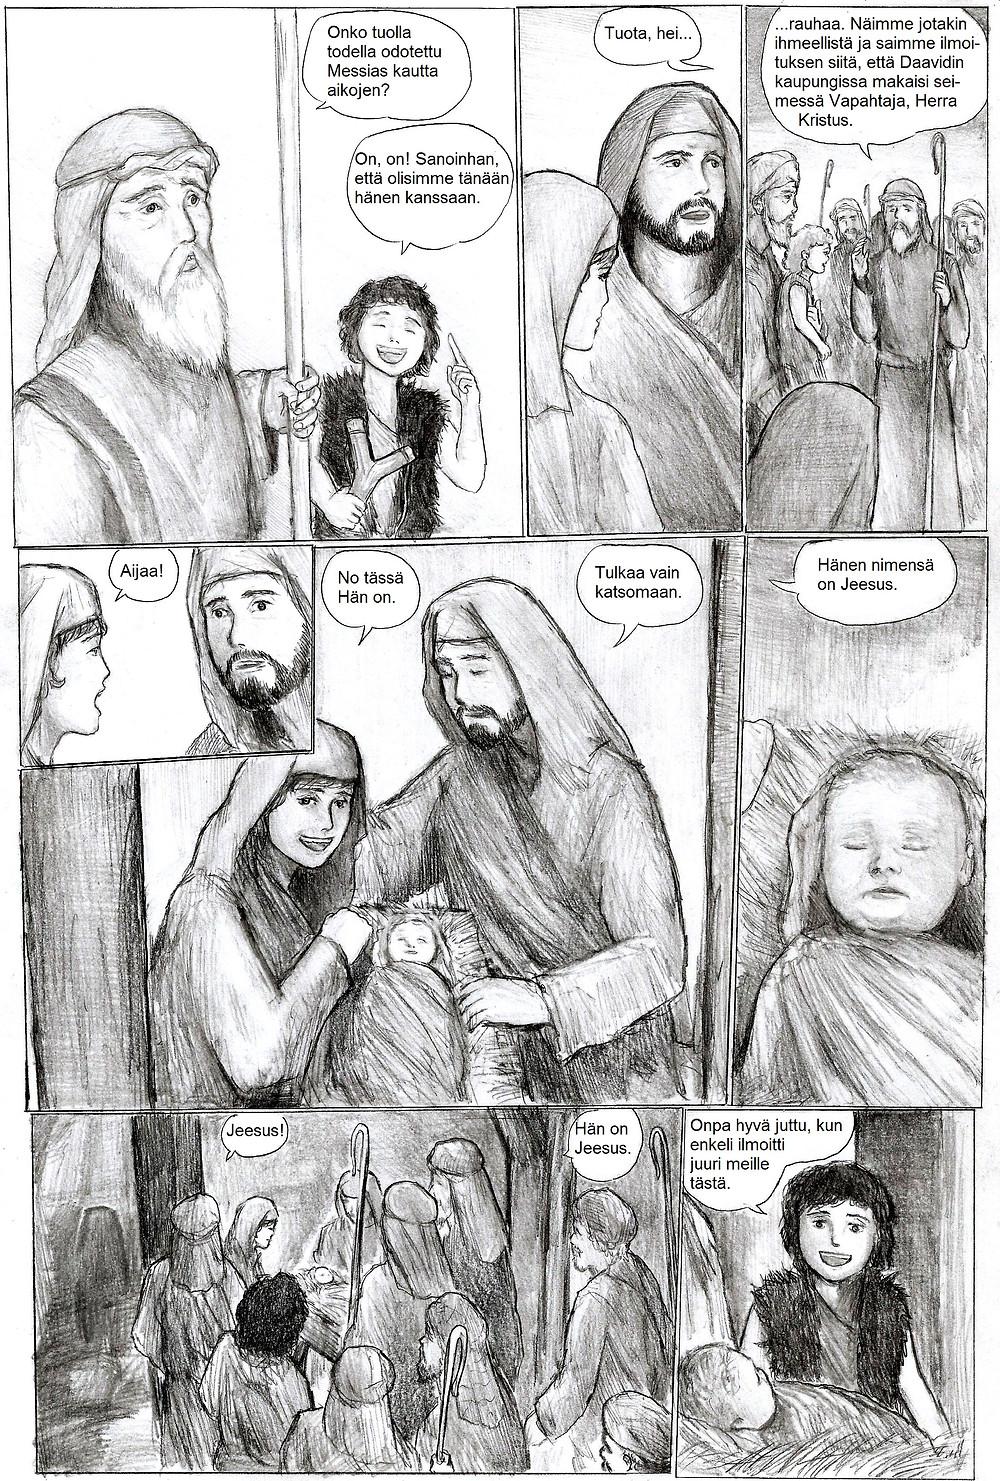 Lopulta tietäjät löytävät seimessä makaavan Jeesuksen sekä Marian ja Joosefin.